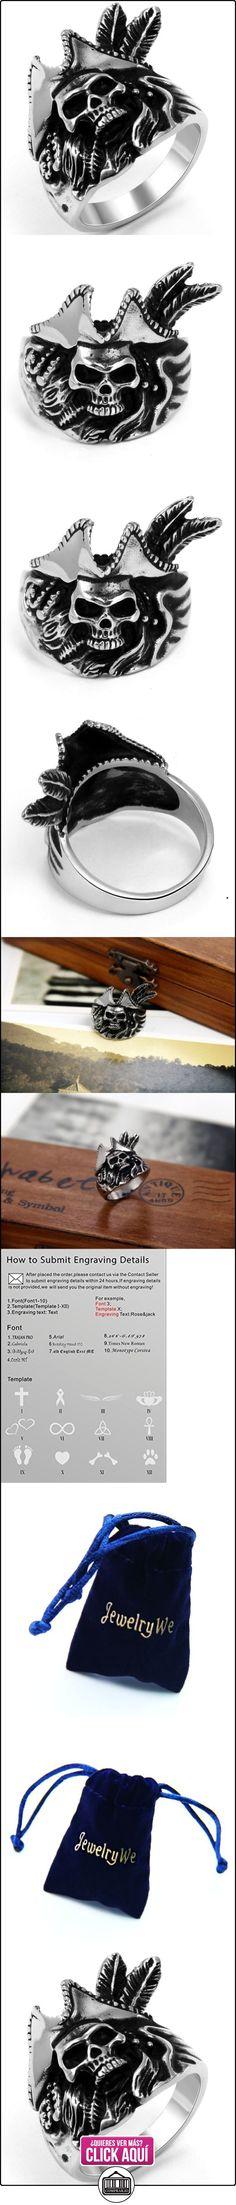 JewelryWe Anillo de la joyería de acero inoxidable de la mujer del hombre Capitán Pirata de la banda para el compromiso y el anillo de bodas de plata negro  ✿ Joyas para mujer - Las mejores ofertas ✿ ▬► Ver oferta: https://comprar.io/goto/B00F9XEHIE